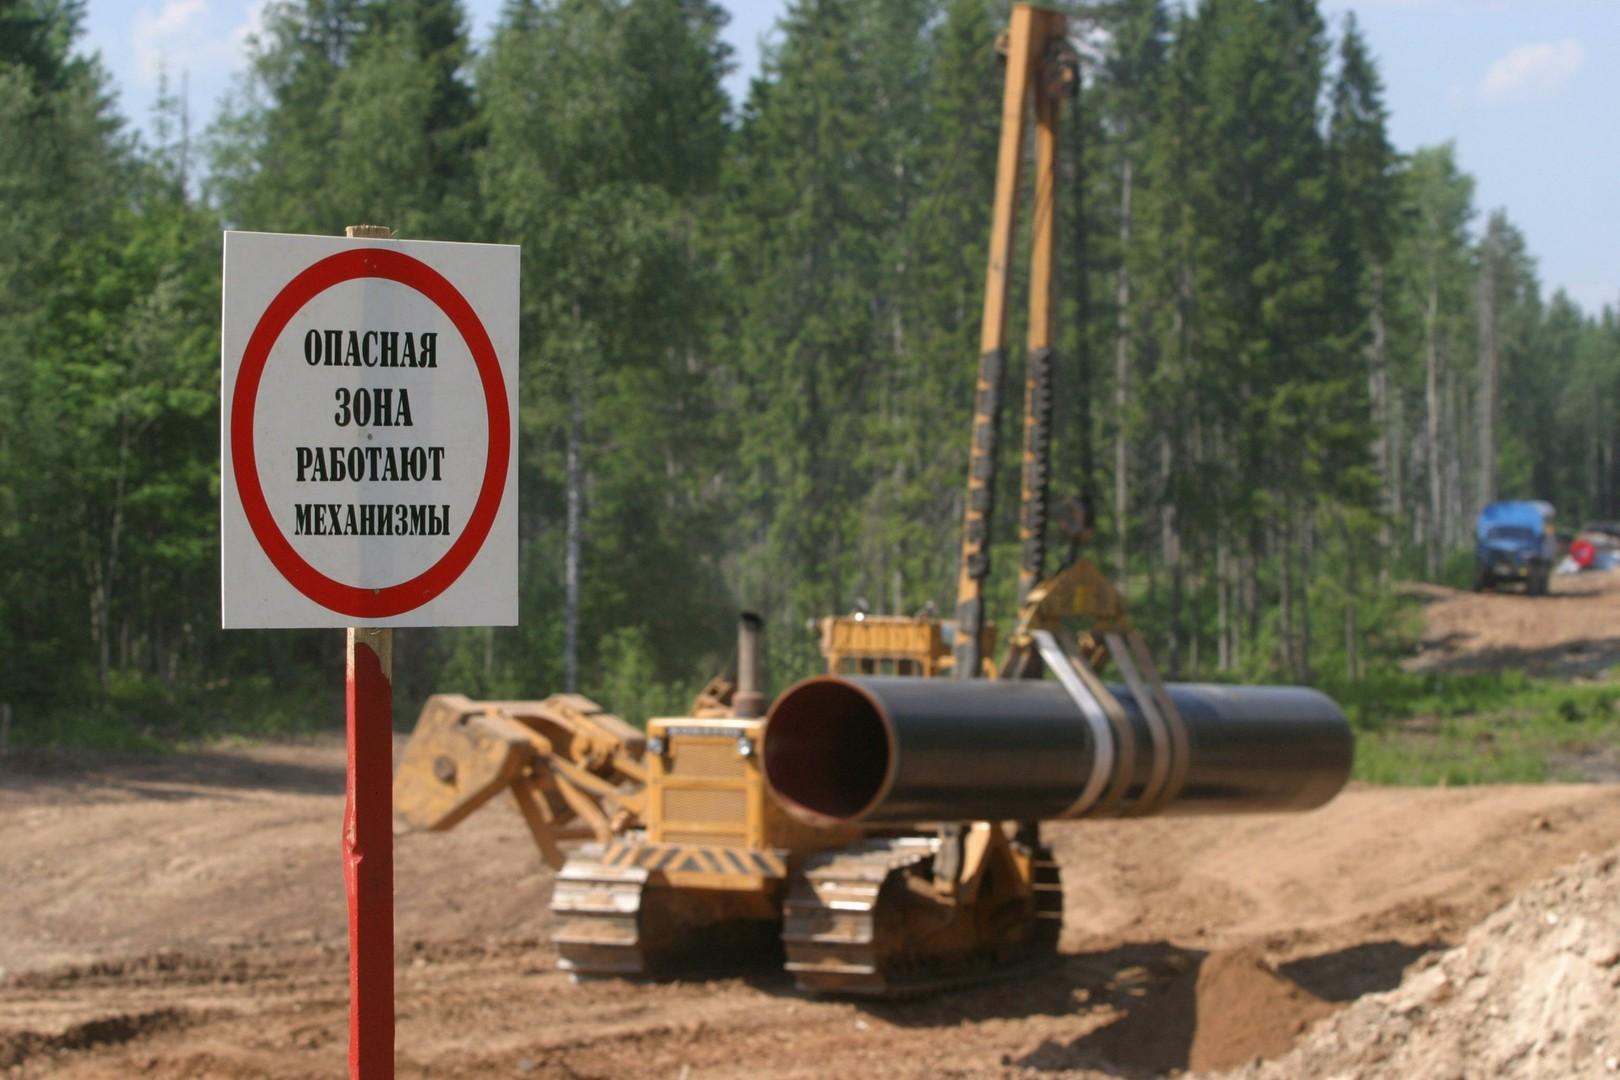 «Подогнали подзаранее известный результат»: «Газпром» обжаловал решение арбитража поспору с«Нафтогазом»